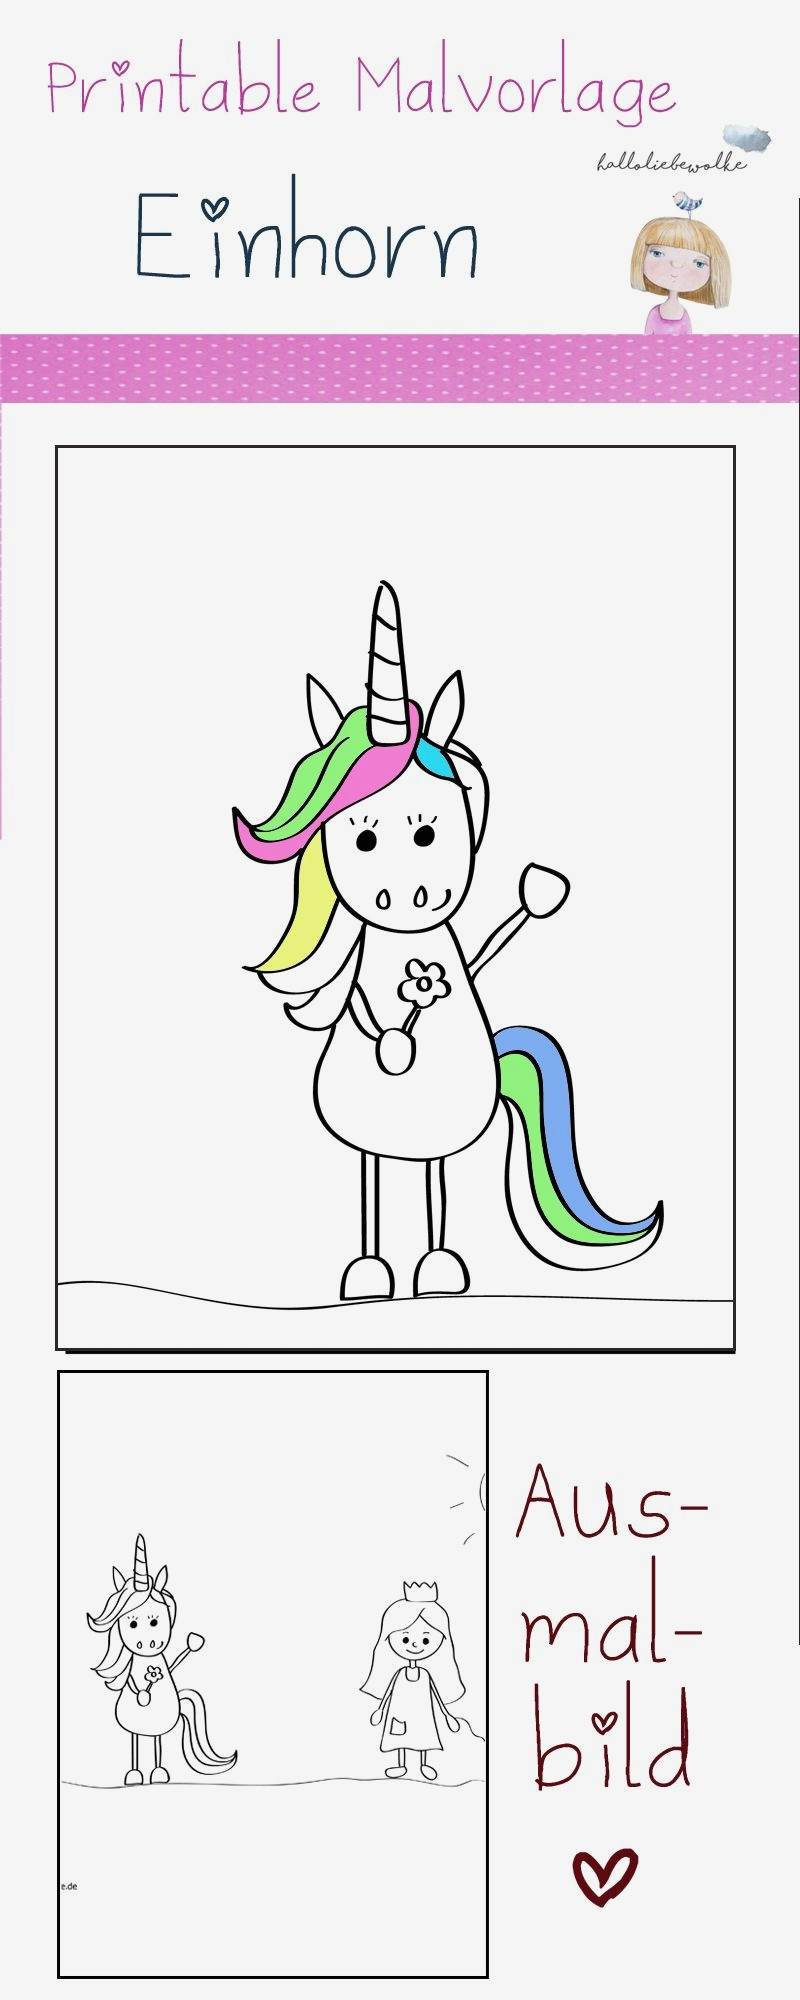 Ausmalbild Prinzessin Einhorn Das Beste Von Malvorlage Prinzessin Mit Einhorn Lernspiele Färbung Bilder Galerie